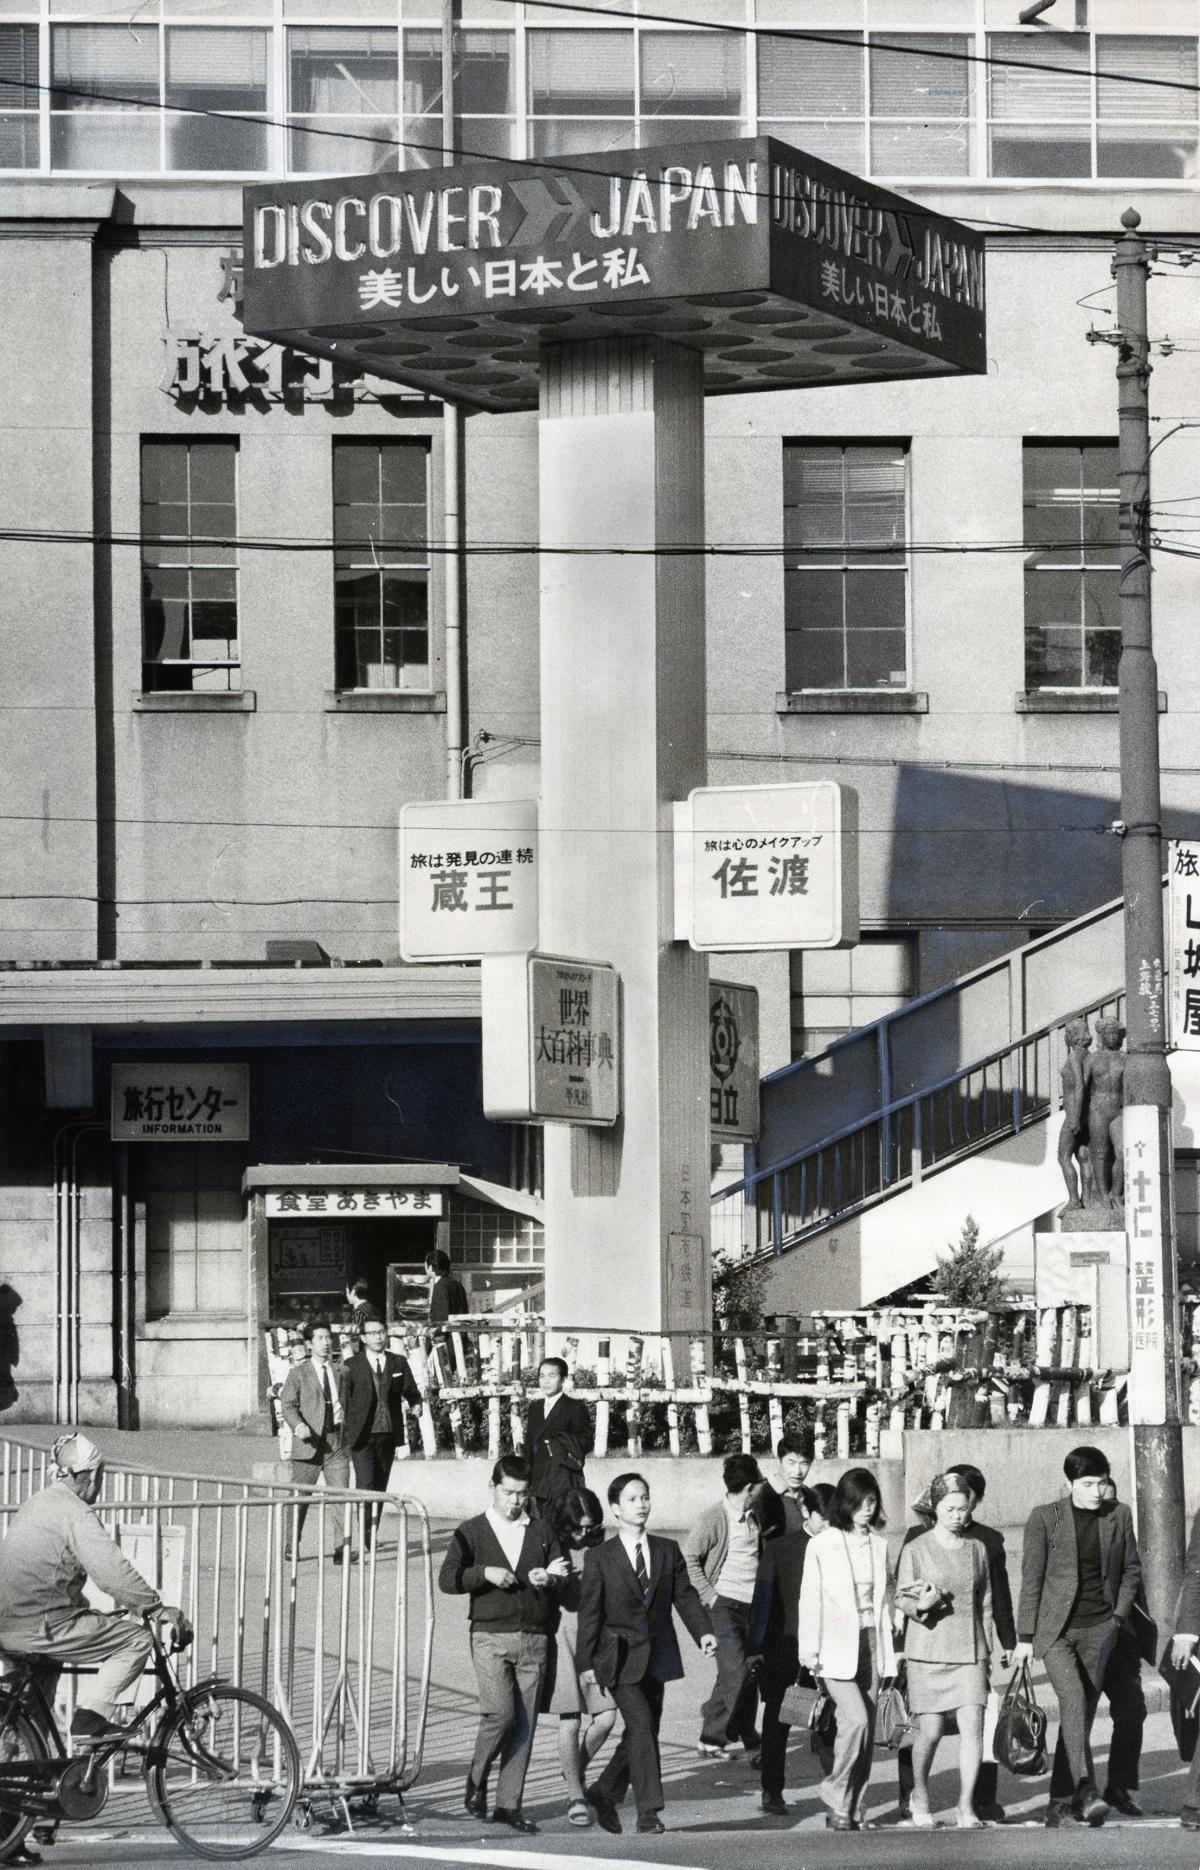 写真・図版 : 「DISCOVER JAPAN 美しい日本と私」をアピールする広告塔。製作費は1本800万円で、全国数十カ所にあった=1971年、東京・上野駅前